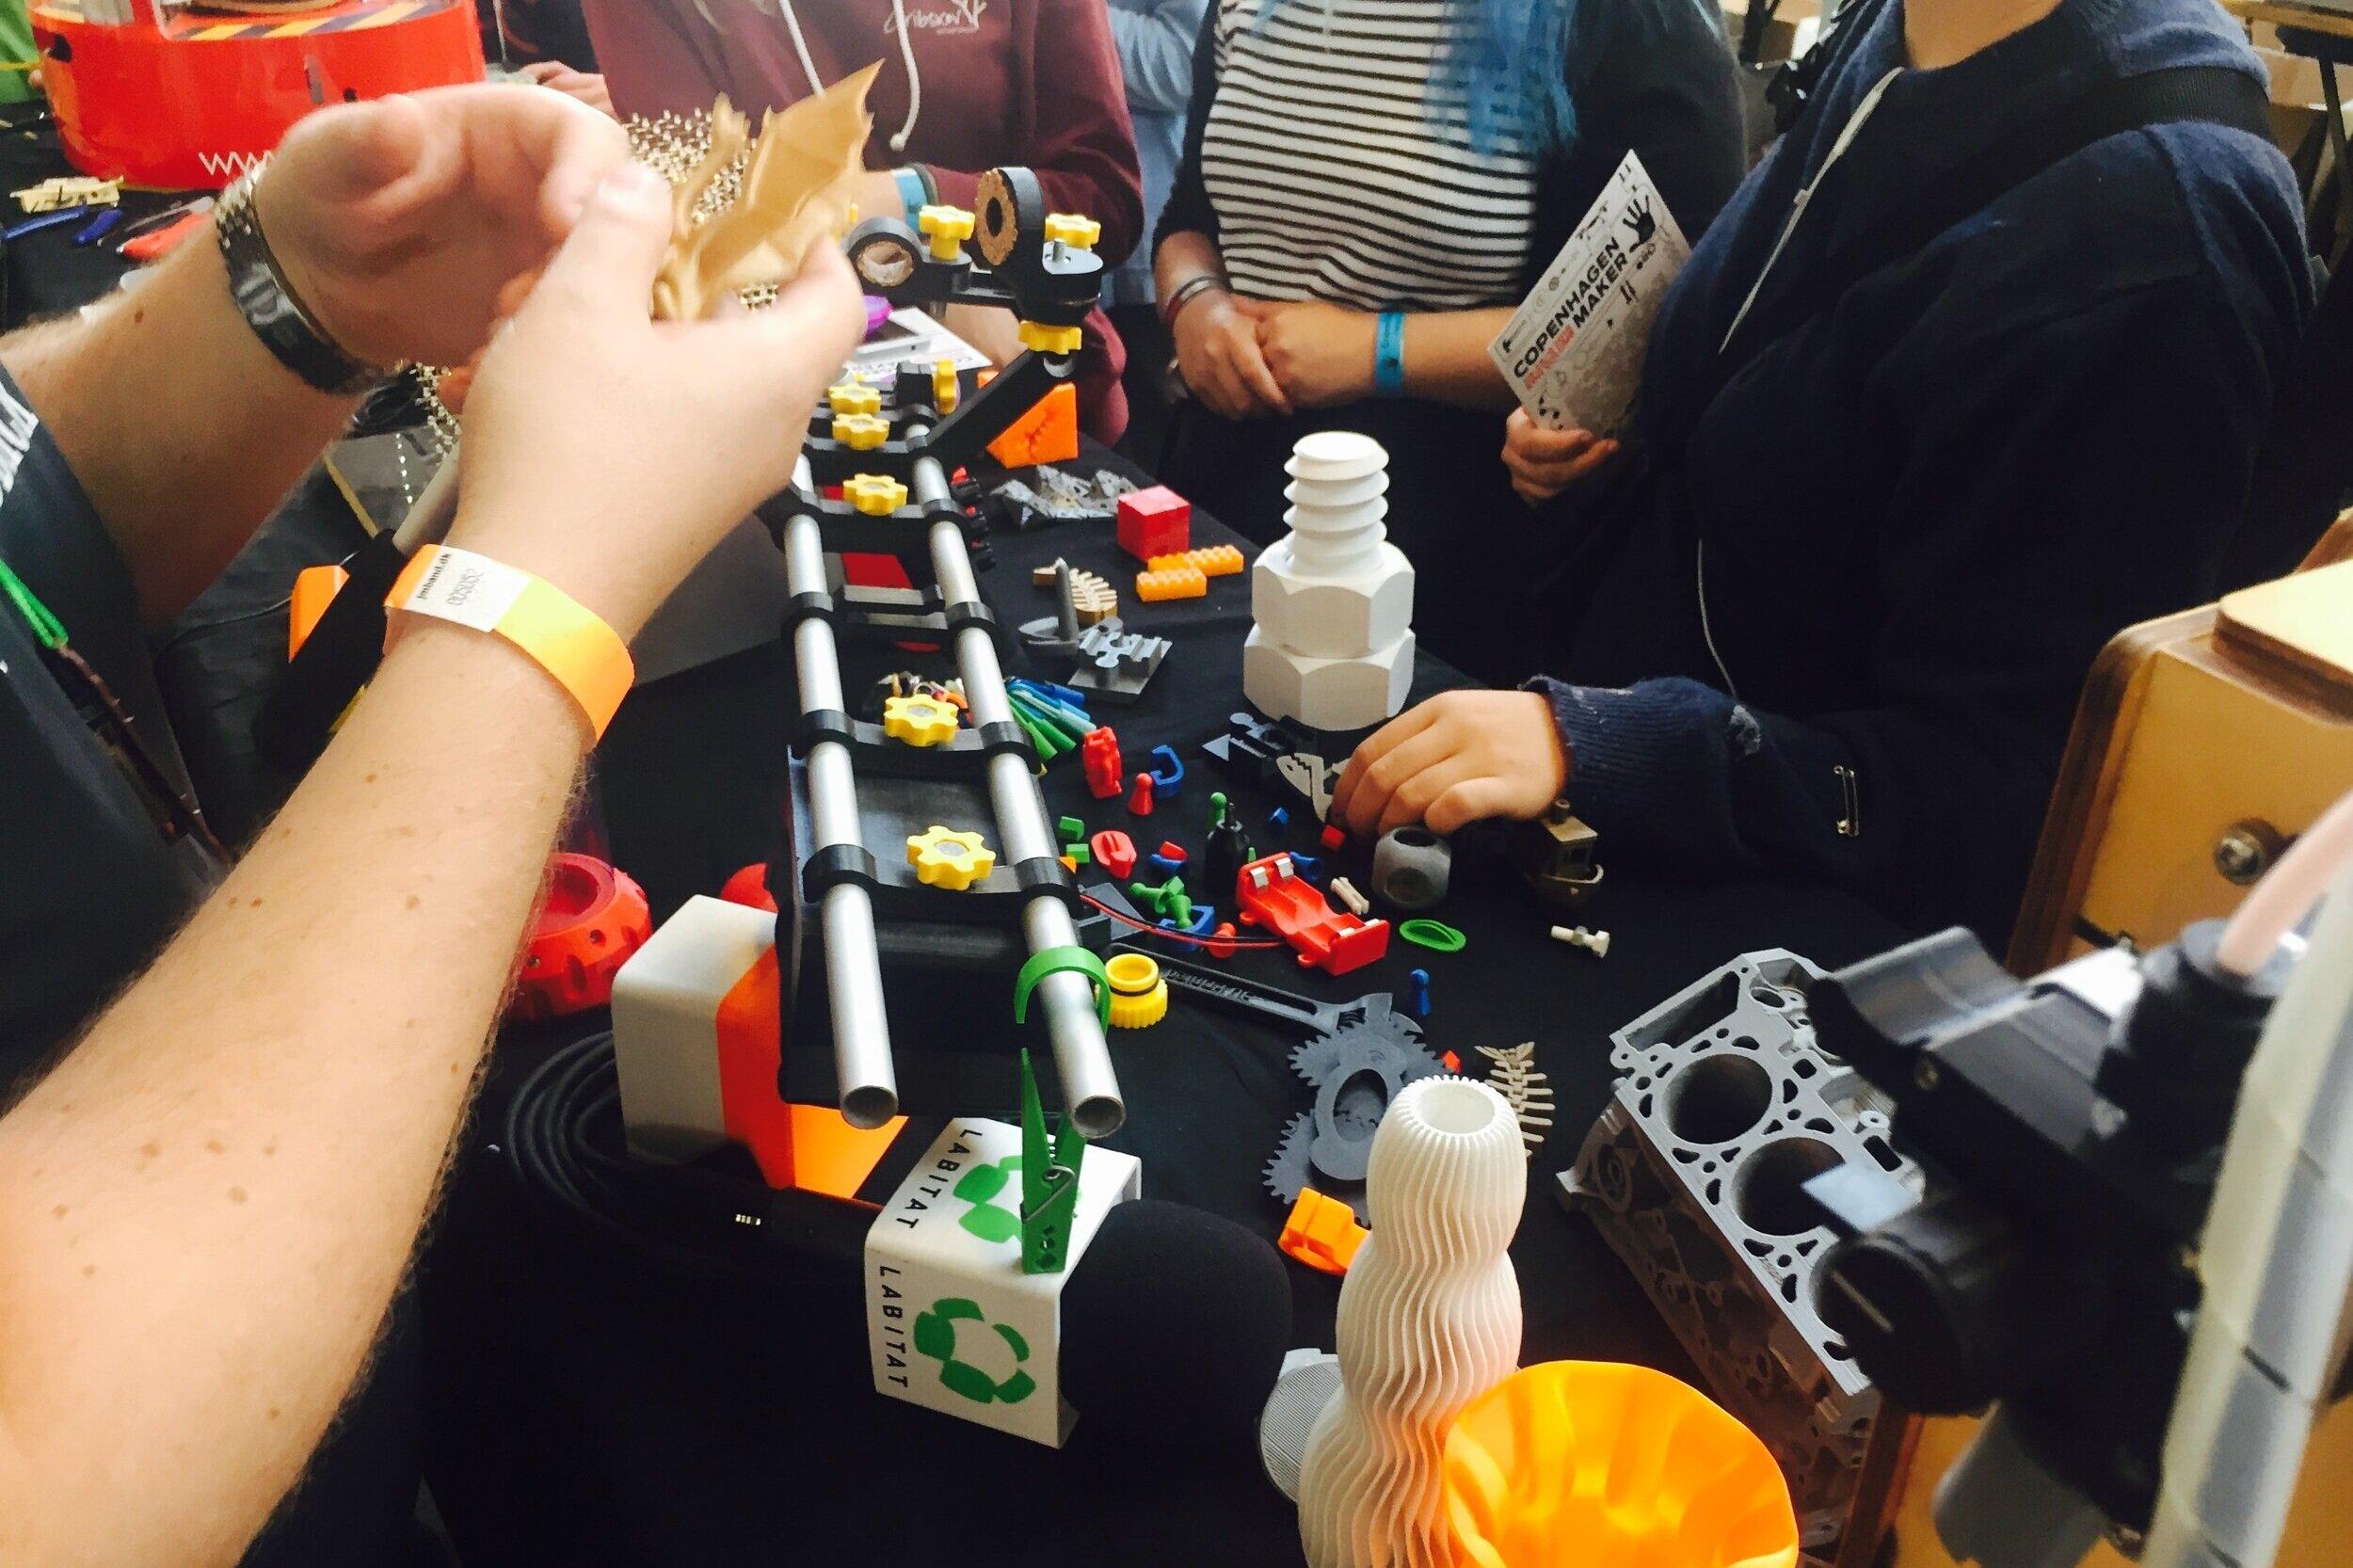 Fremvisning af projekter - Se, rør, prøv og lær af hackerne fra Labitat, som i anledning af Kulturnatten har tømt deres hackerspace for sjove, hjemmebyggede elektronikprojekter, skøre opfindelser og vilde gadtets. projekter. Vært: Labitat